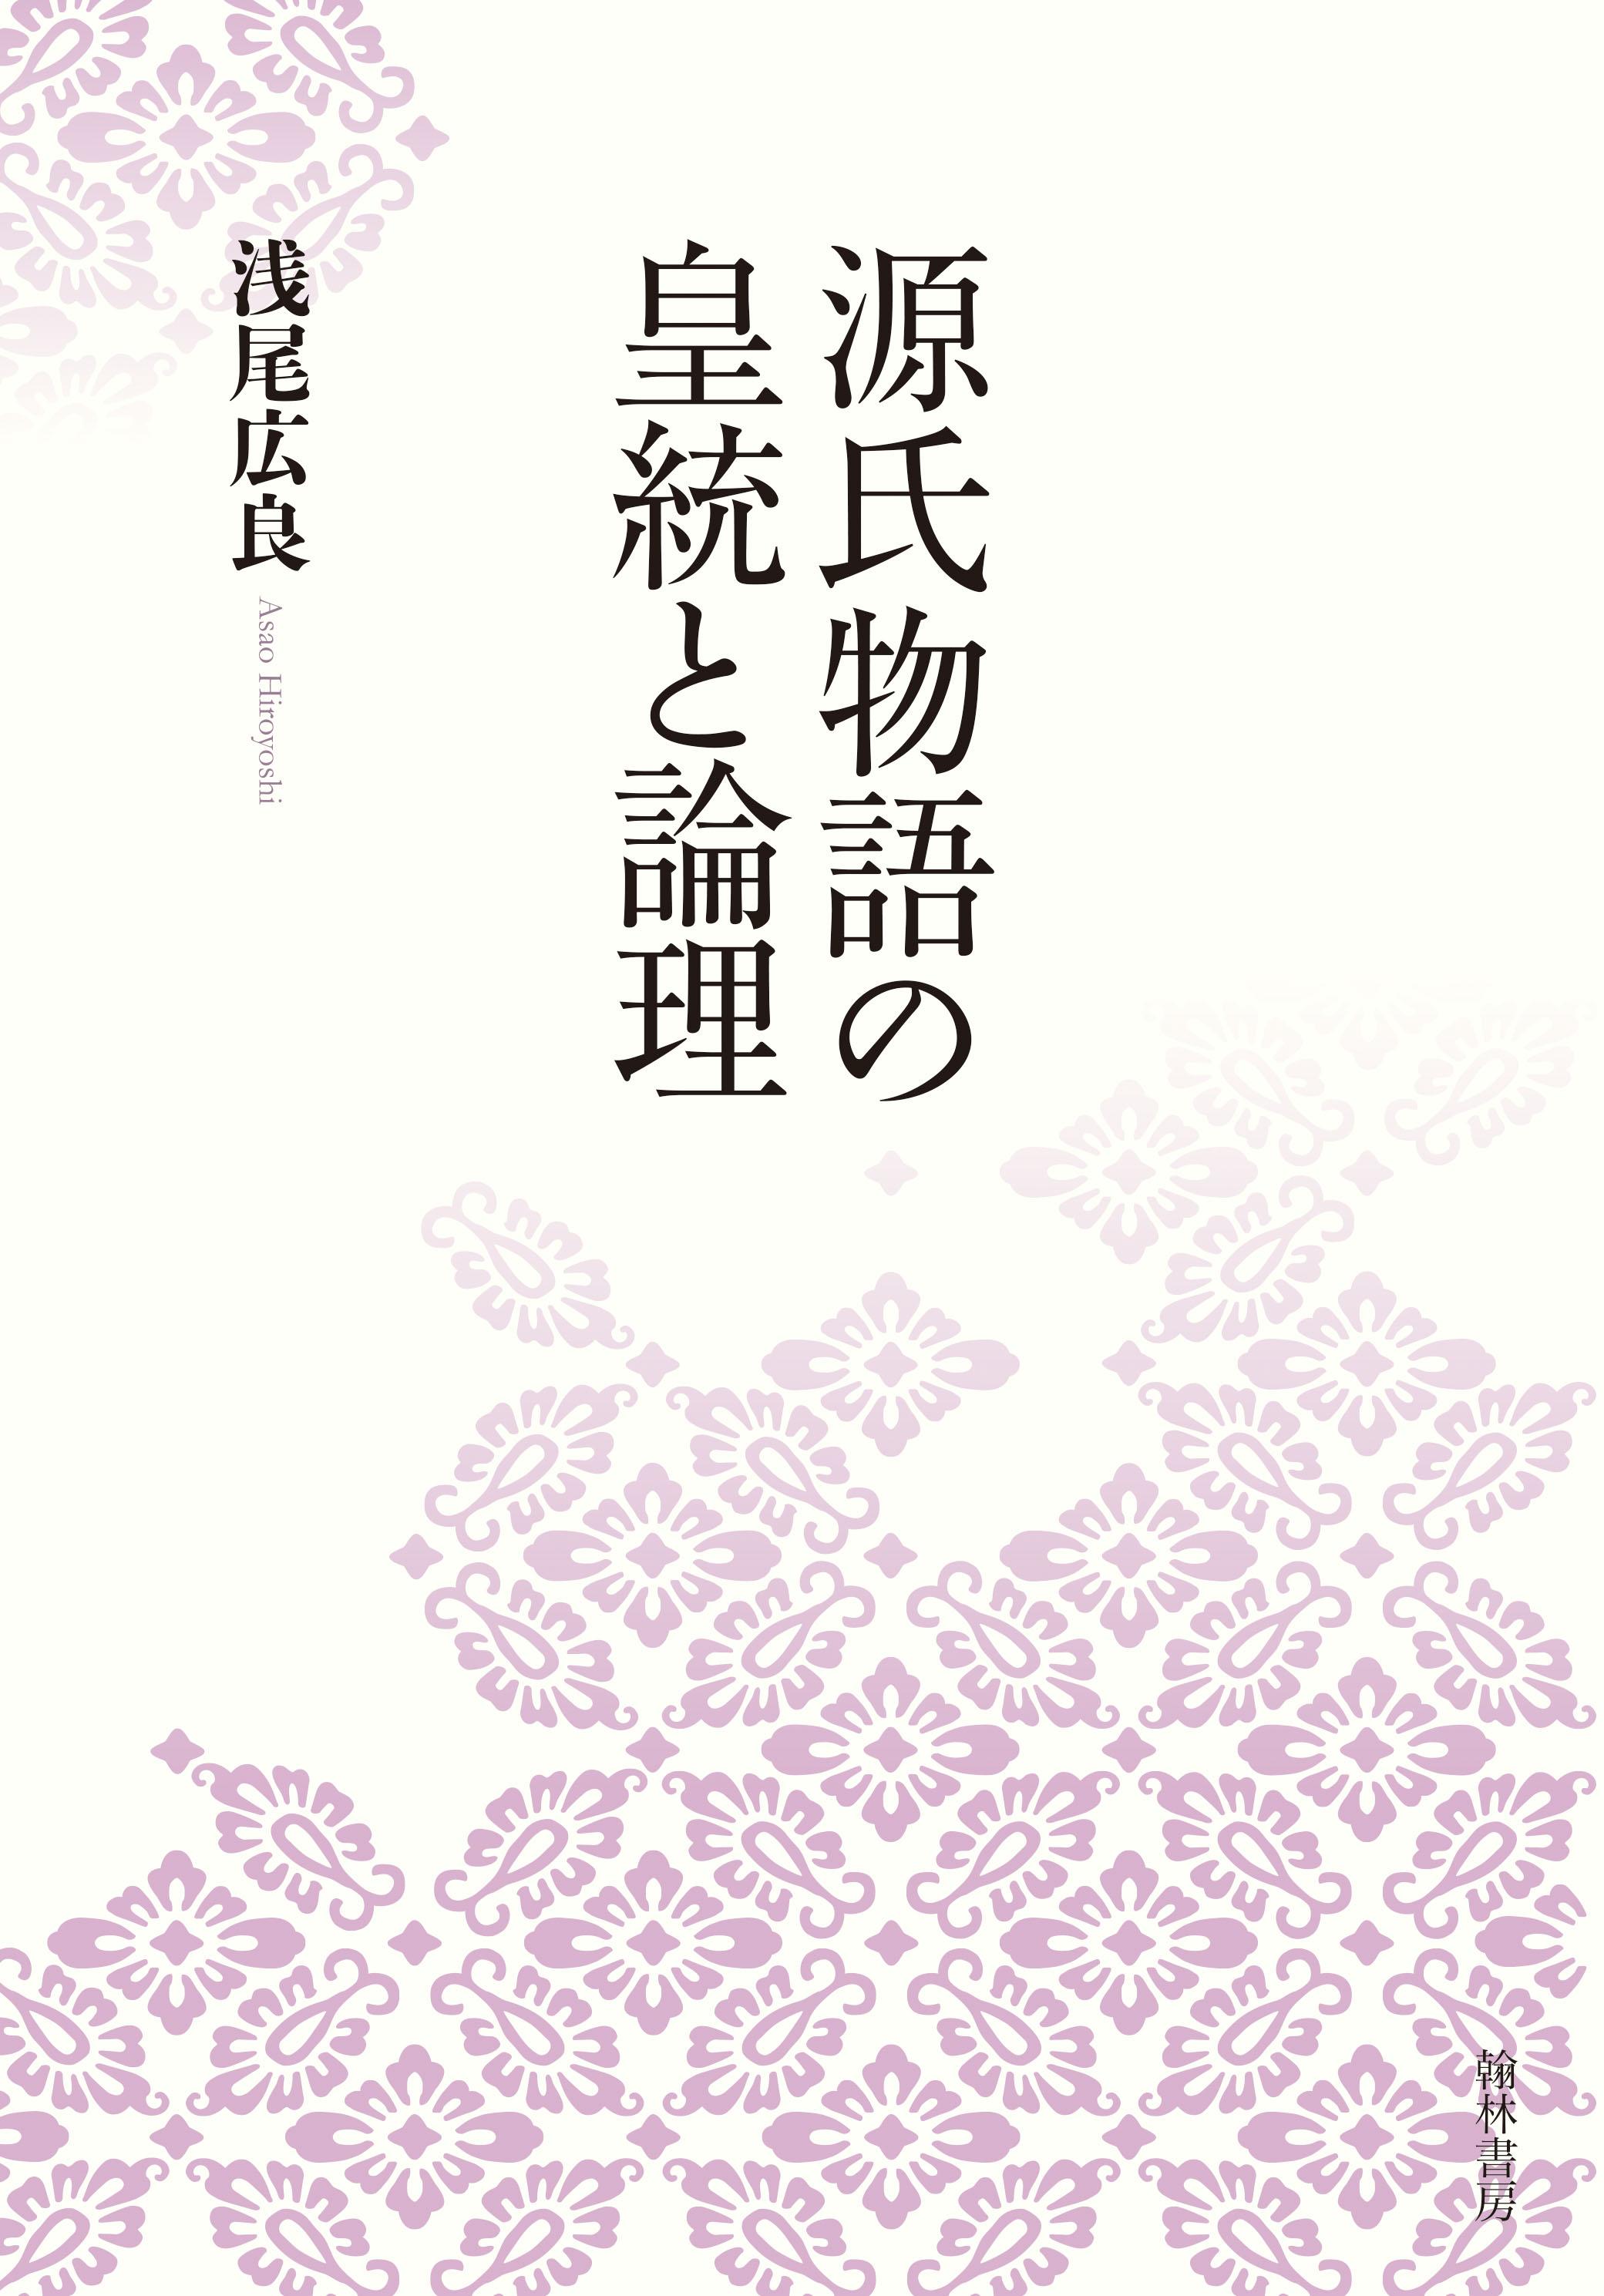 源氏物語の皇統と論理